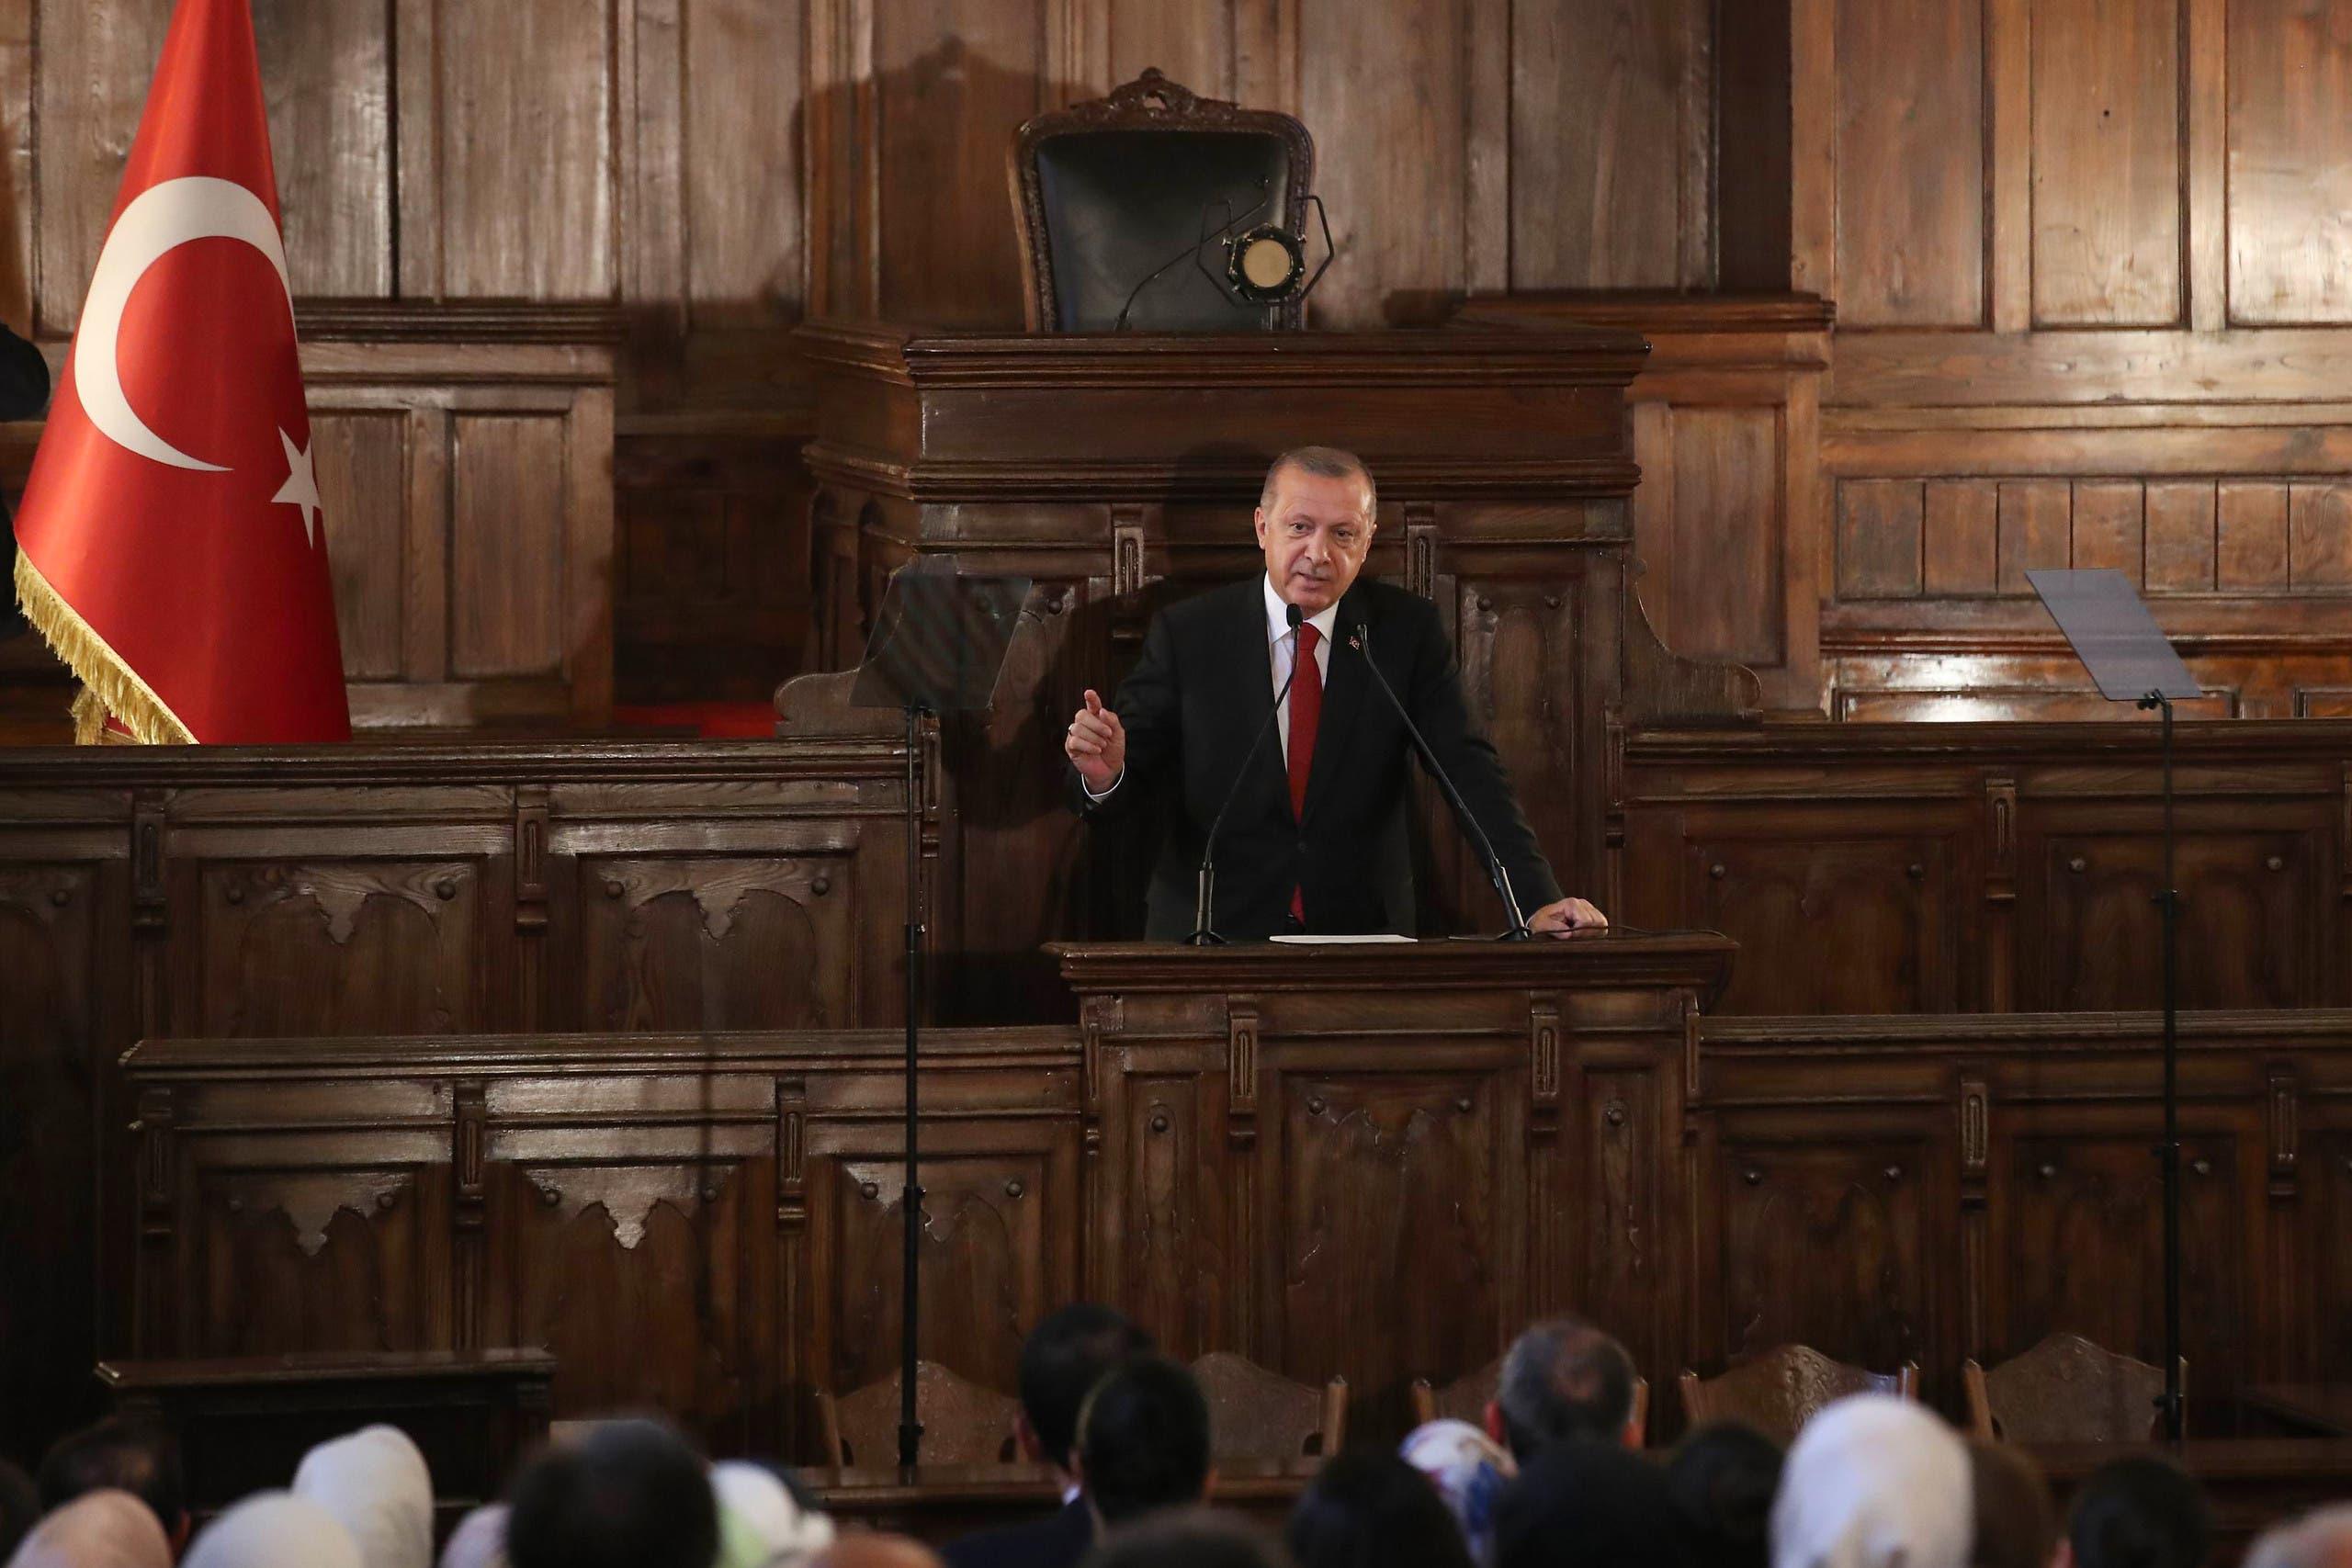 أردوغان تحت قبة البرلمان بعد انتخابه في يوليو 2018